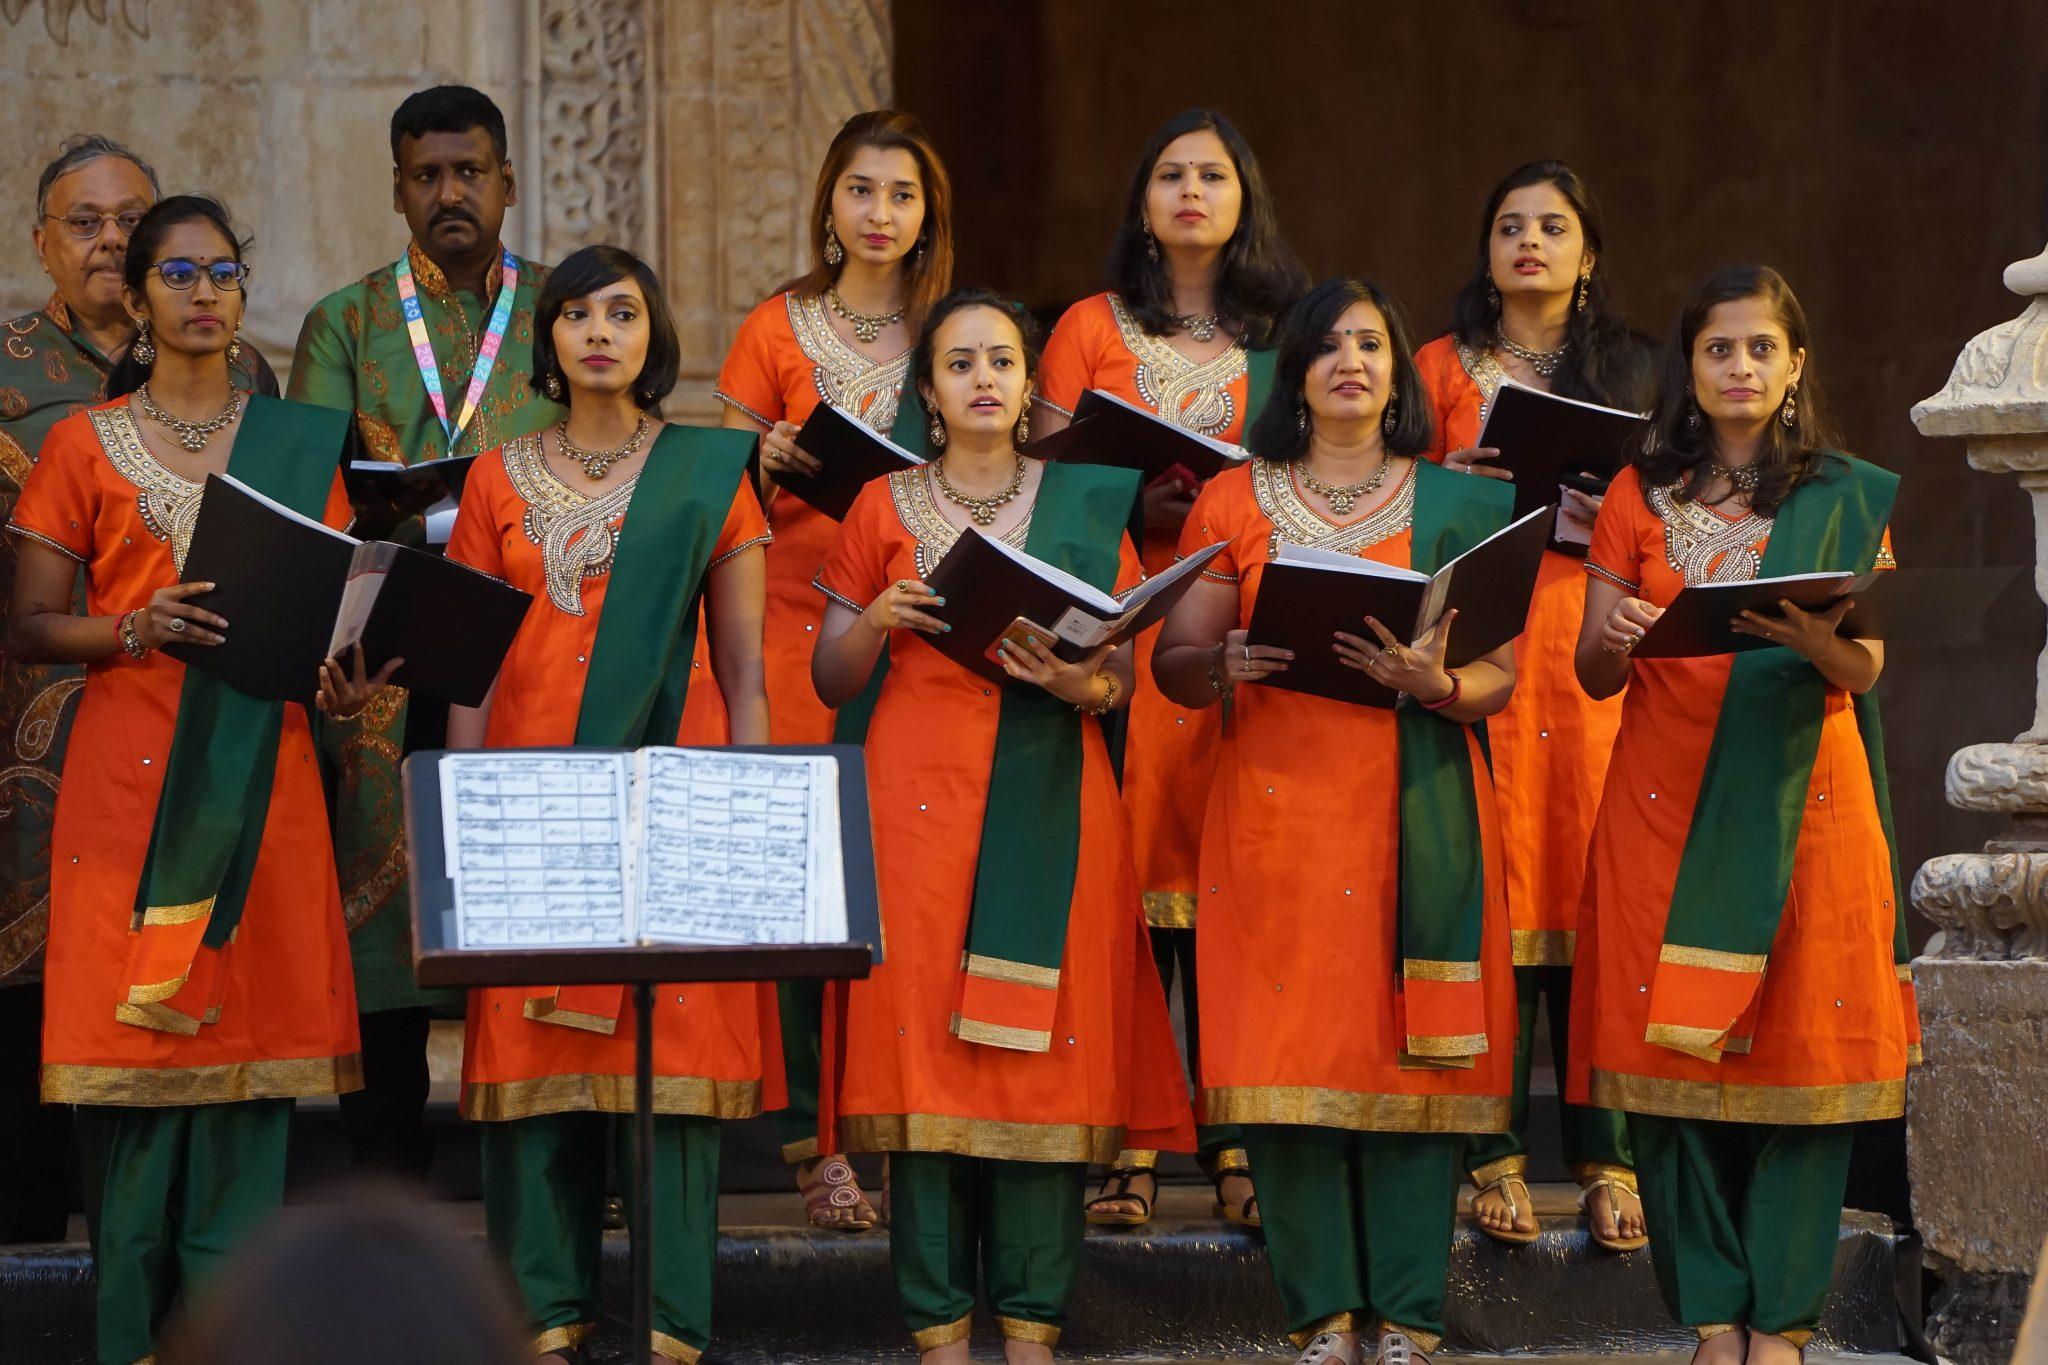 Grupo coral vestido de verde e laranja atuam de frente para o observador com os cadernos das pautas nas mãos